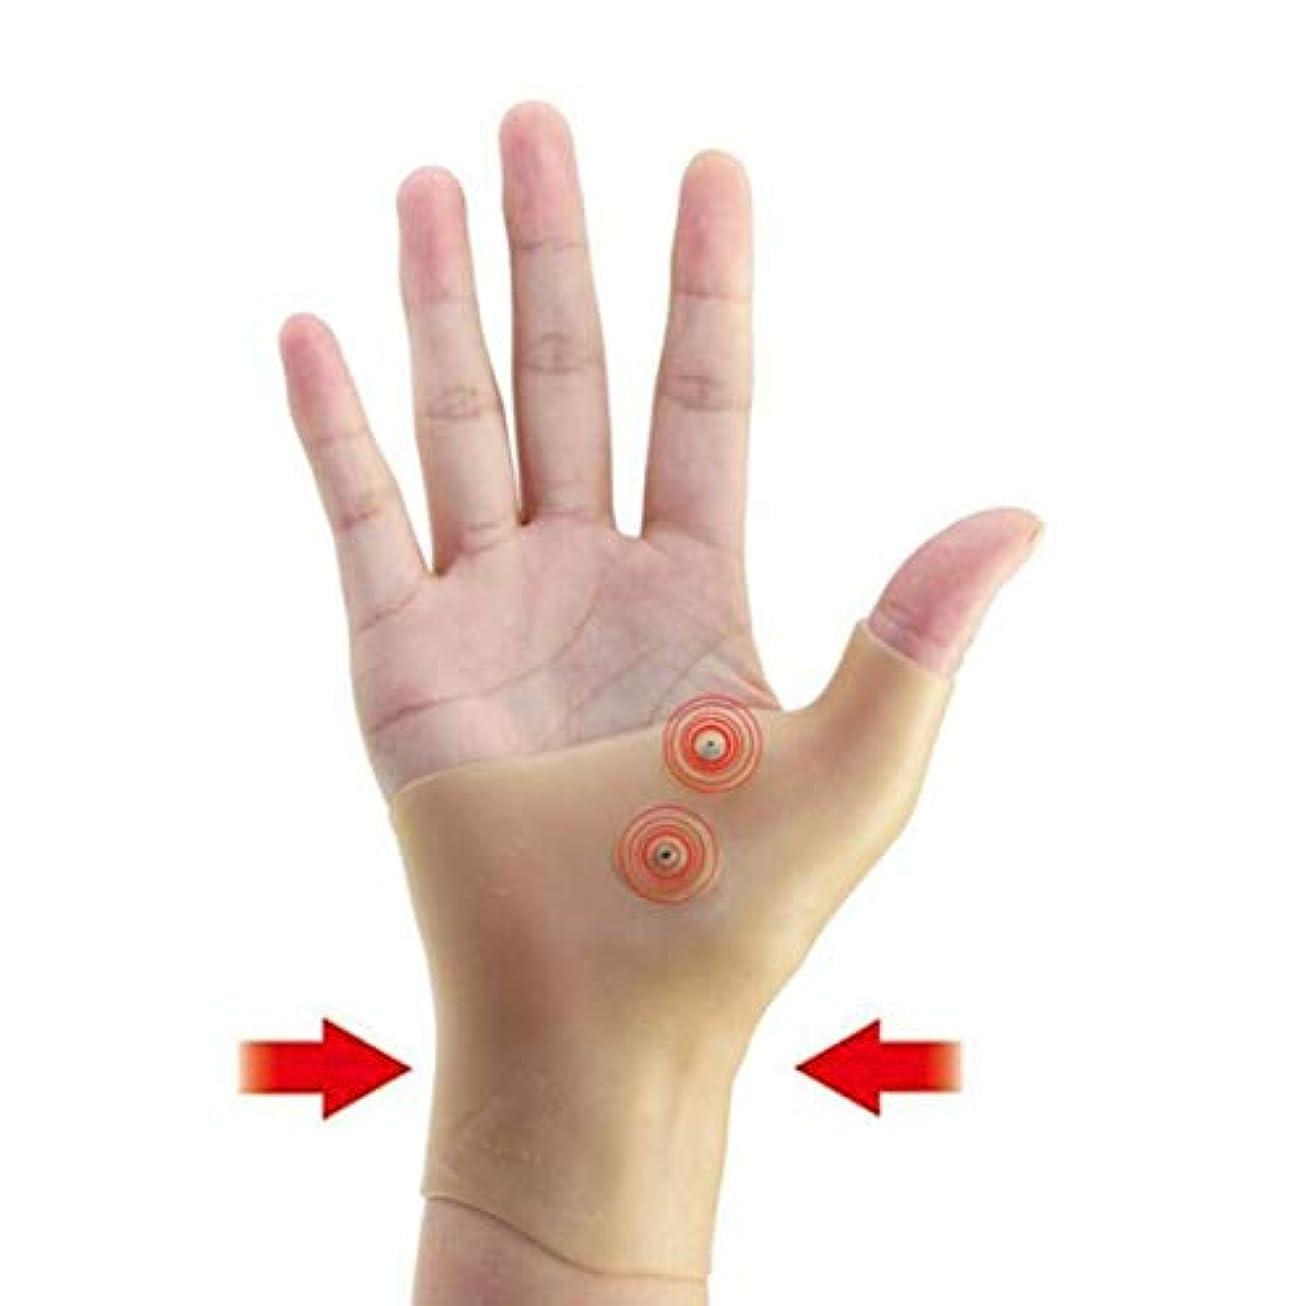 デザートねじれ問題磁気療法手首手親指サポート手袋シリコーンゲル関節炎圧力矯正器マッサージ痛み緩和手袋 - 肌の色